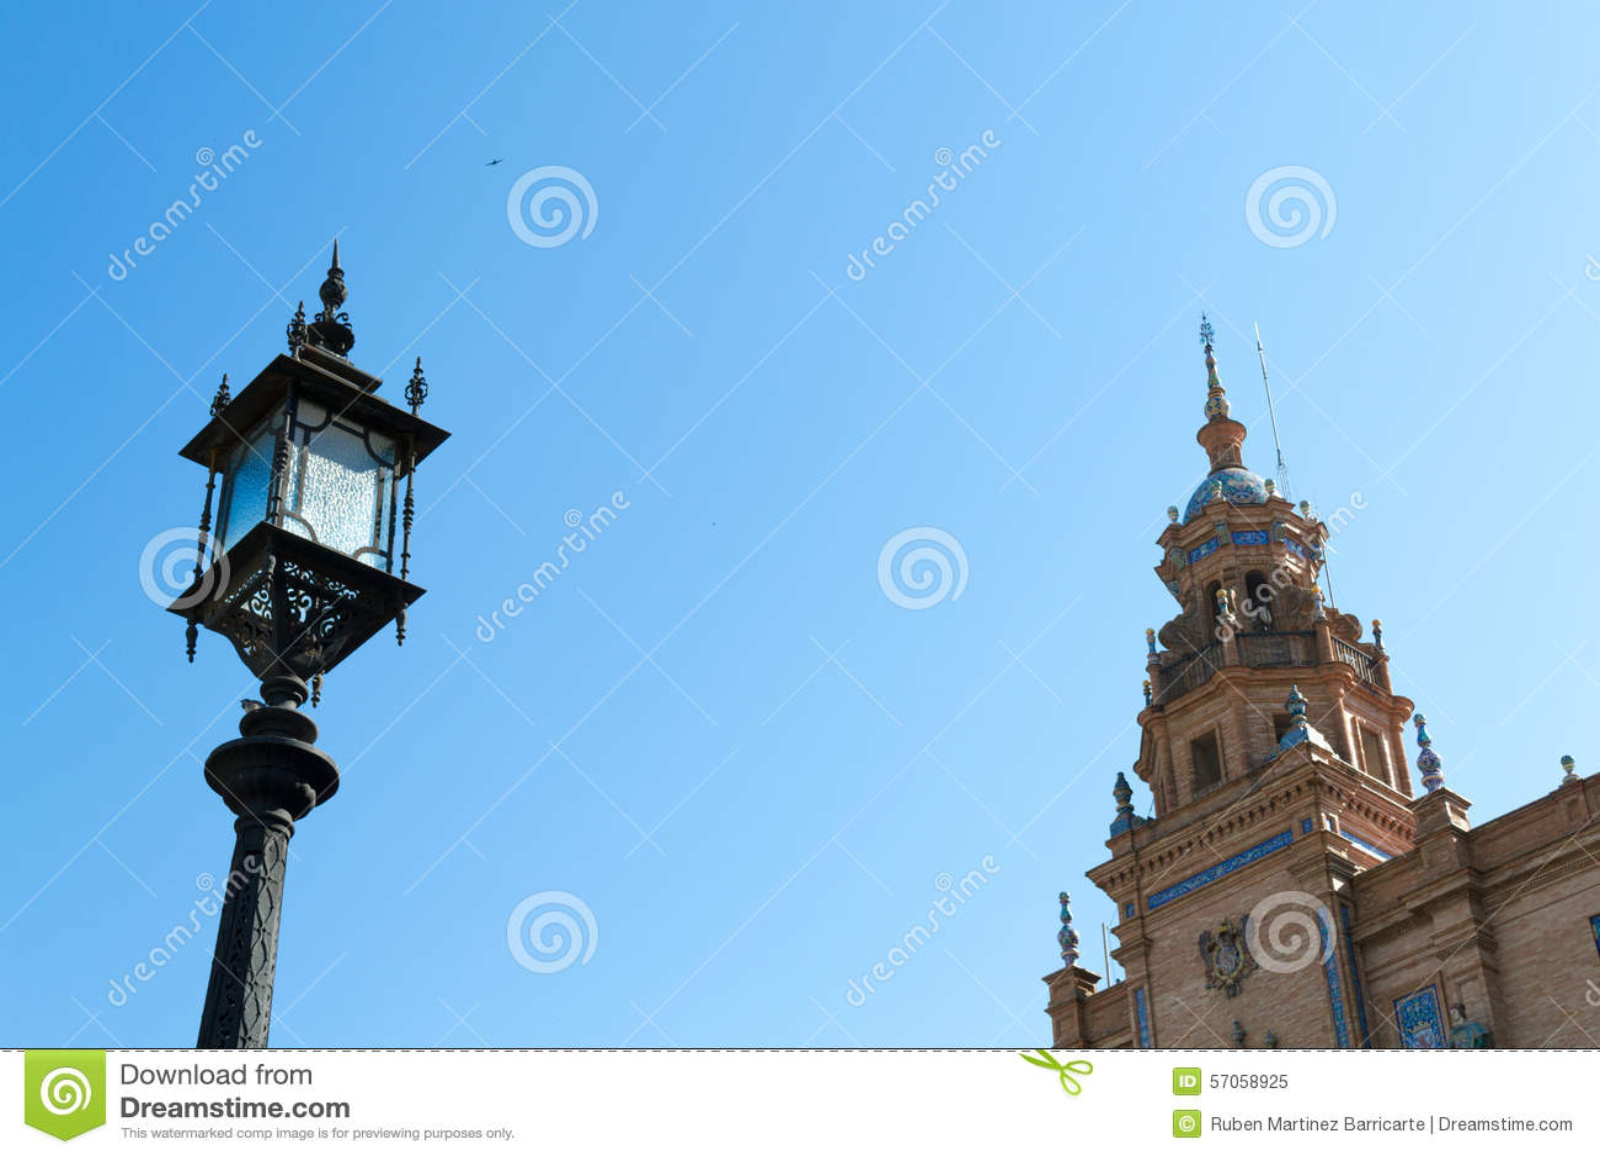 Lampost en toren bij het vierkant van Spanje